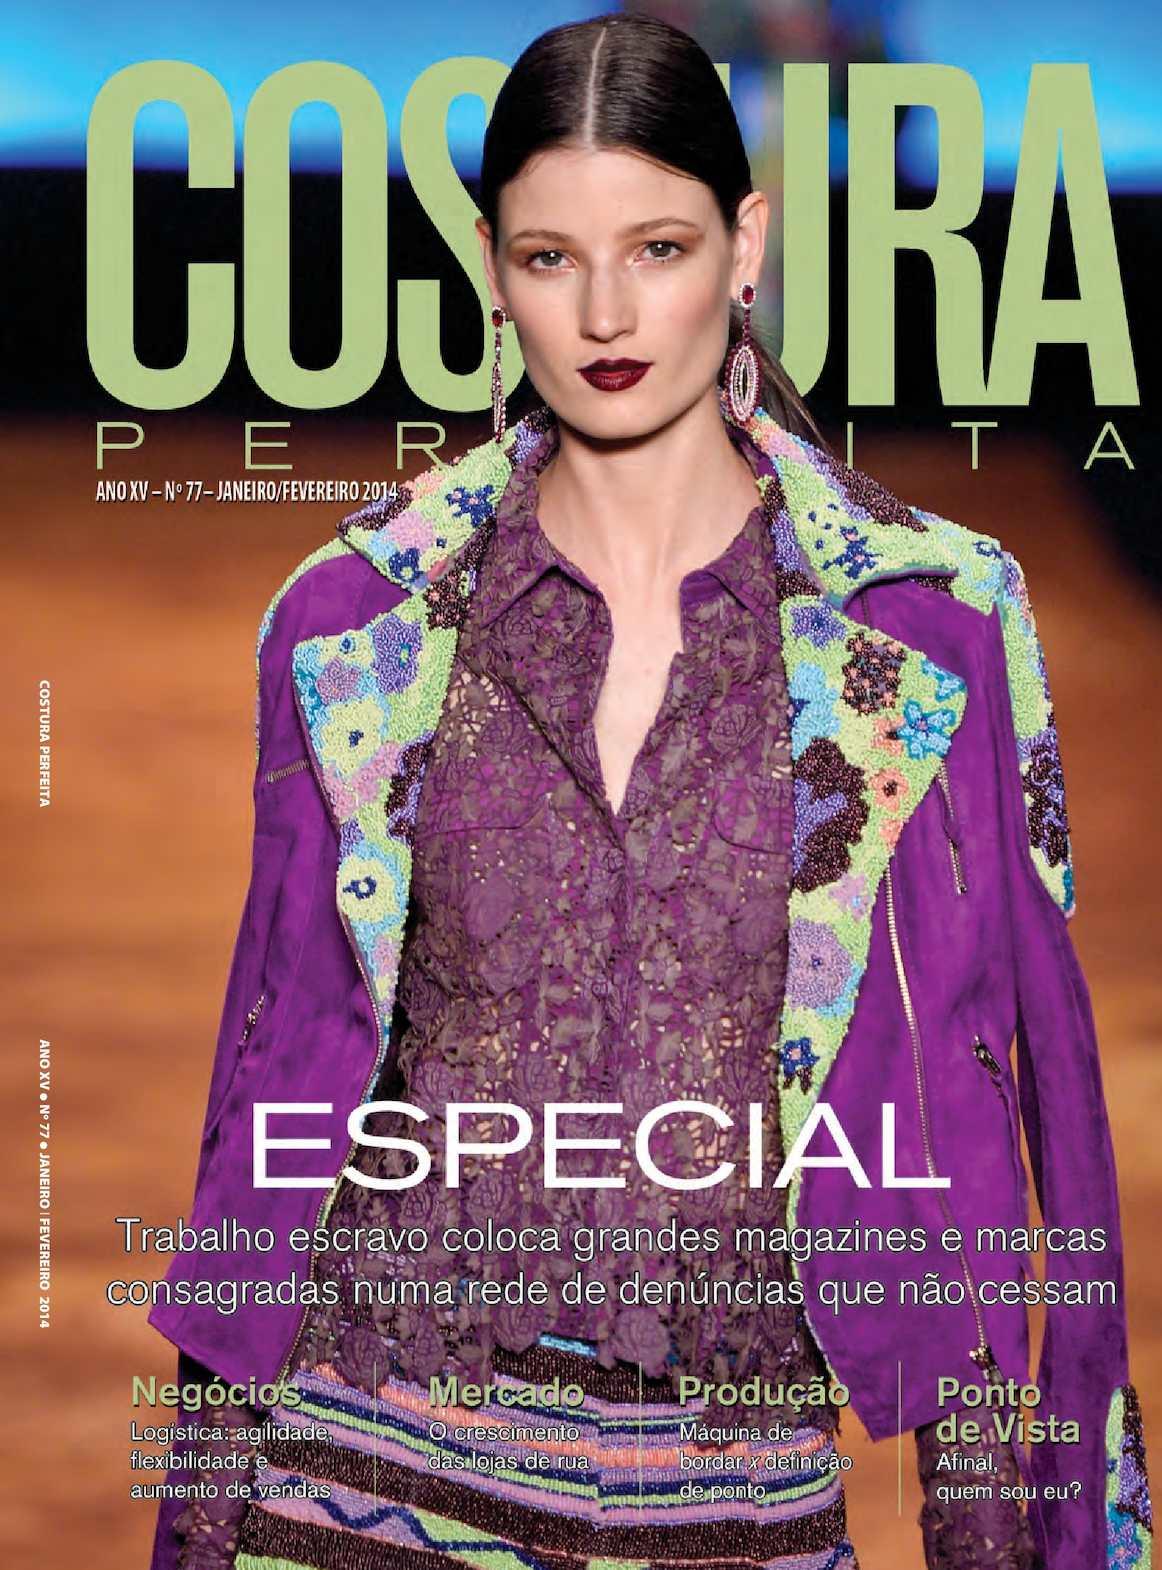 6c8eaae7d Calaméo - Revista Costura Perfeita Edição Ano XV - N77 - Janeiro-Fevereiro  2014